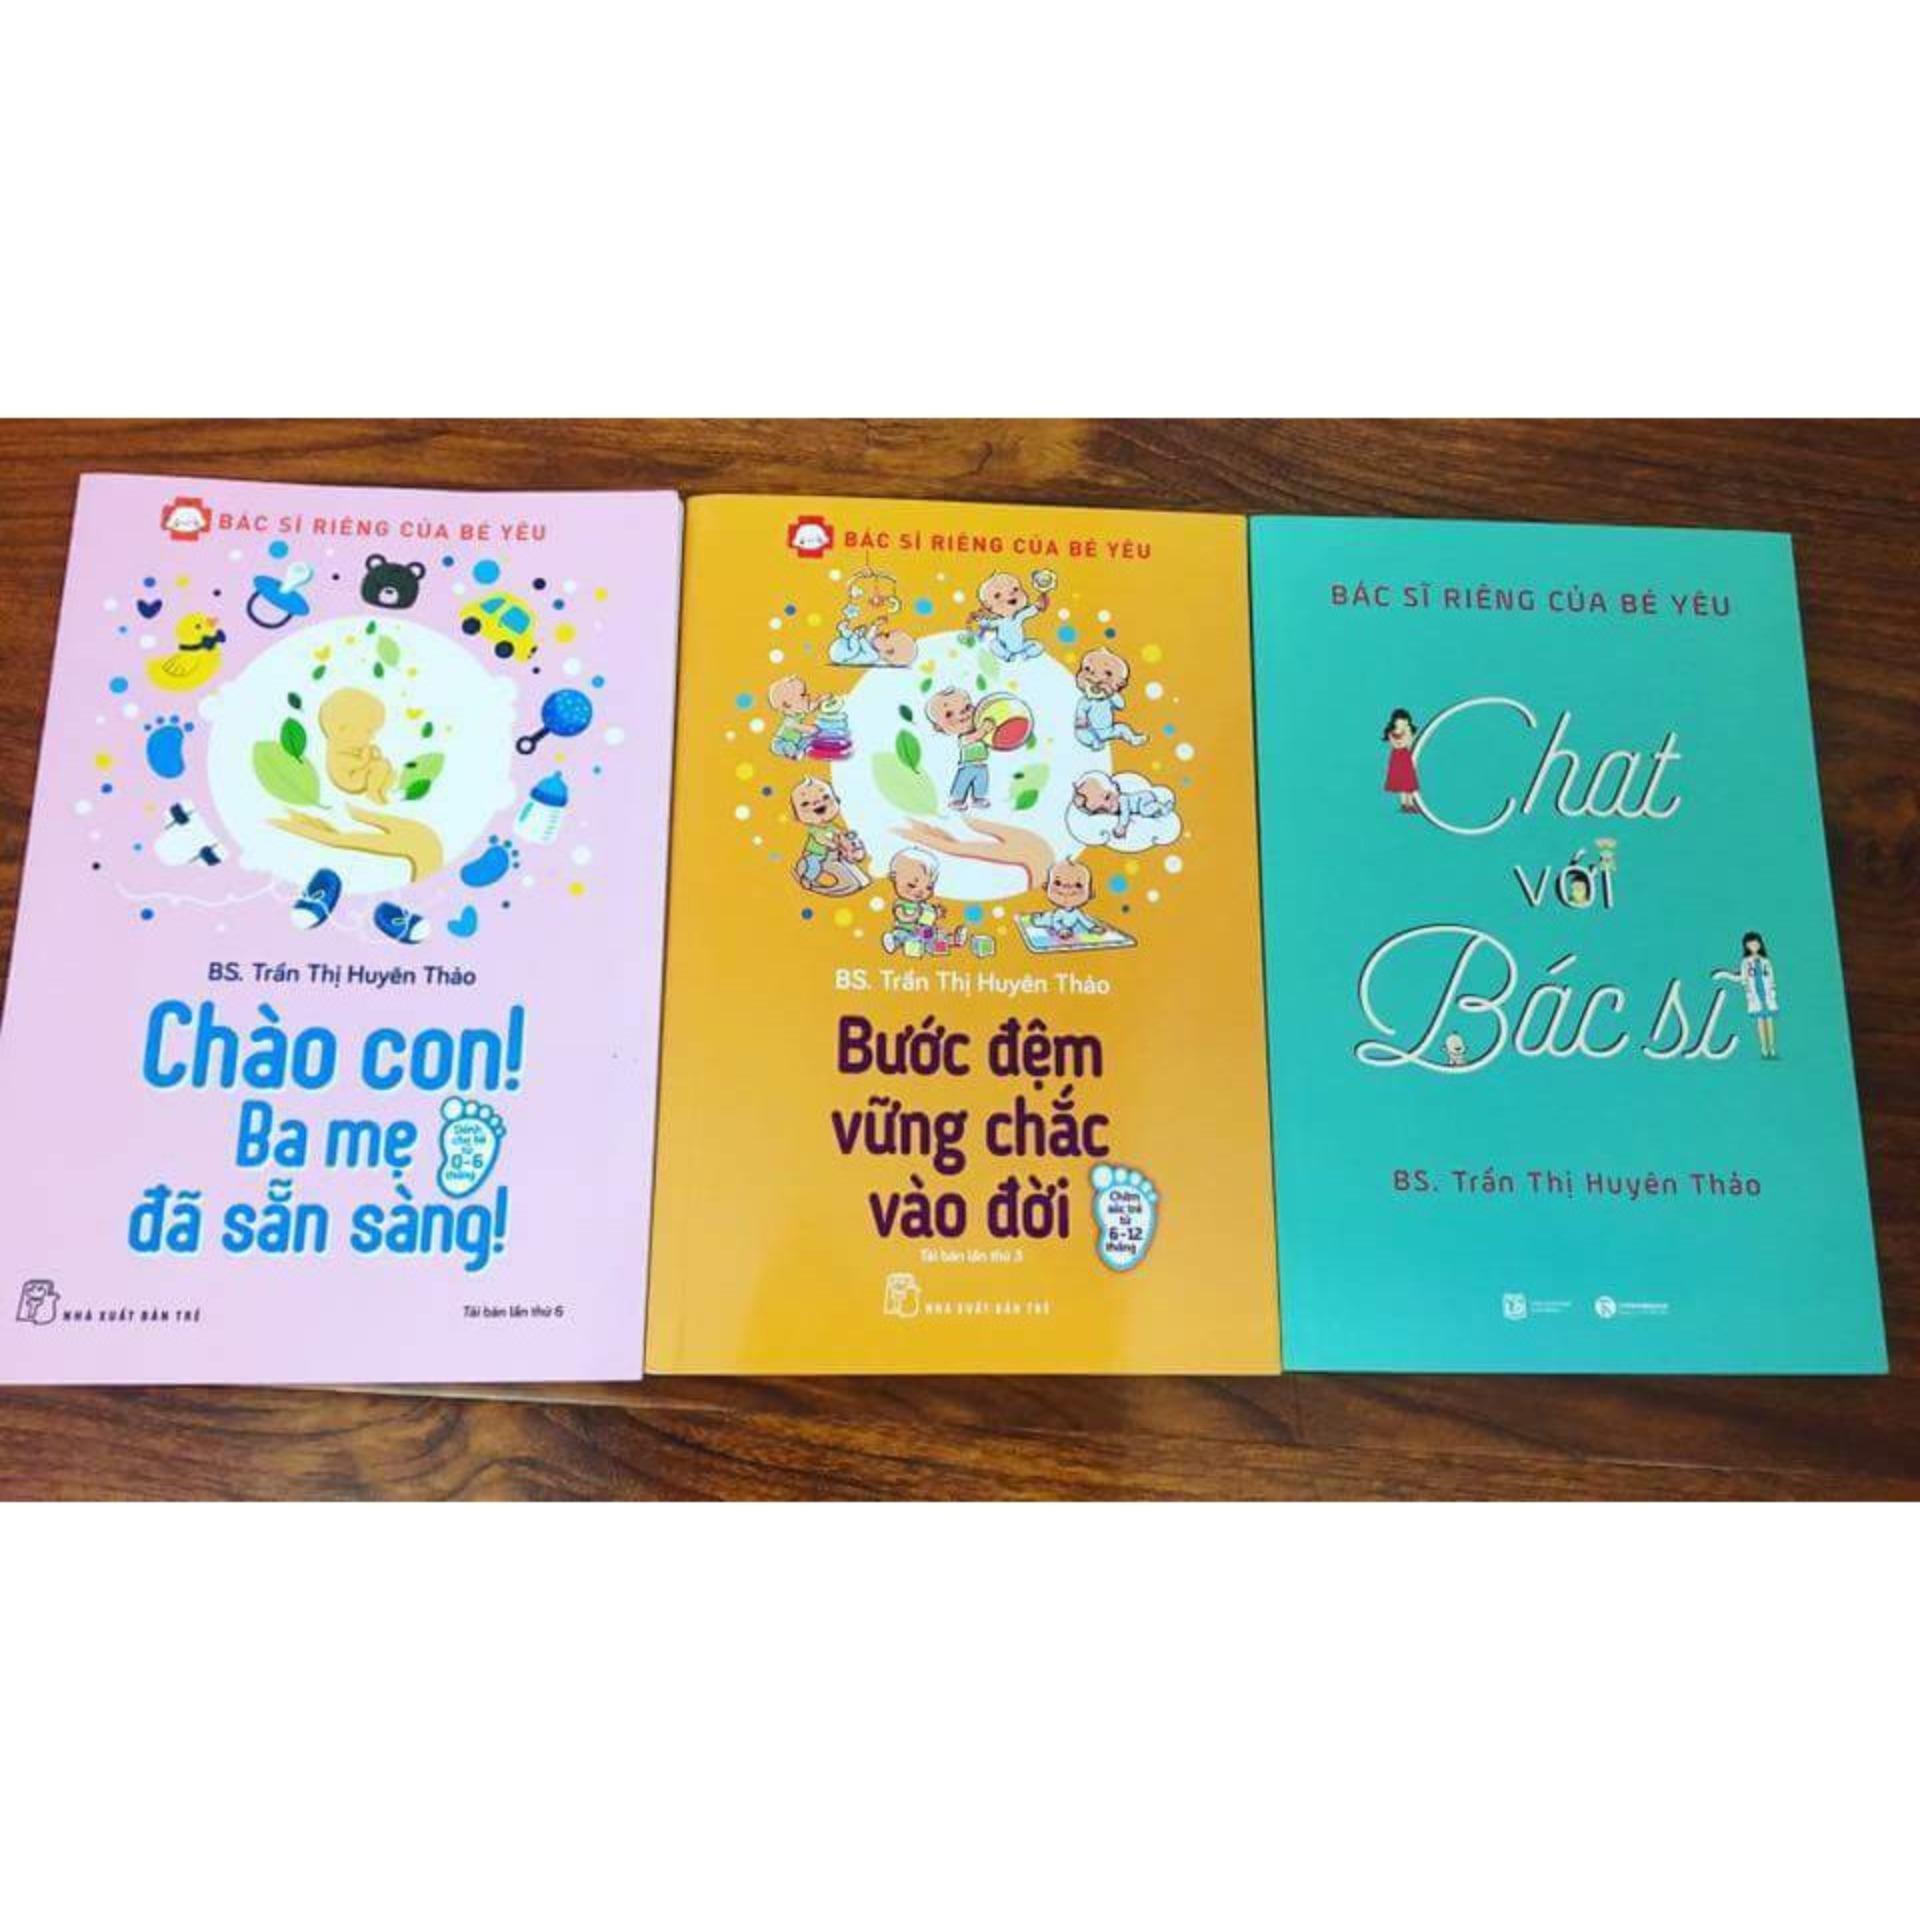 Combo Bác Sĩ Riêng Của Bé Yêu: Chào Con Ba Mẹ đã Sẵn Sàng + Bước Đệm Vững Chắc Vào Đời + Chat Với Bác Sĩ  + Tặng Kèm Bookmark Giá Siêu Cạnh Tranh